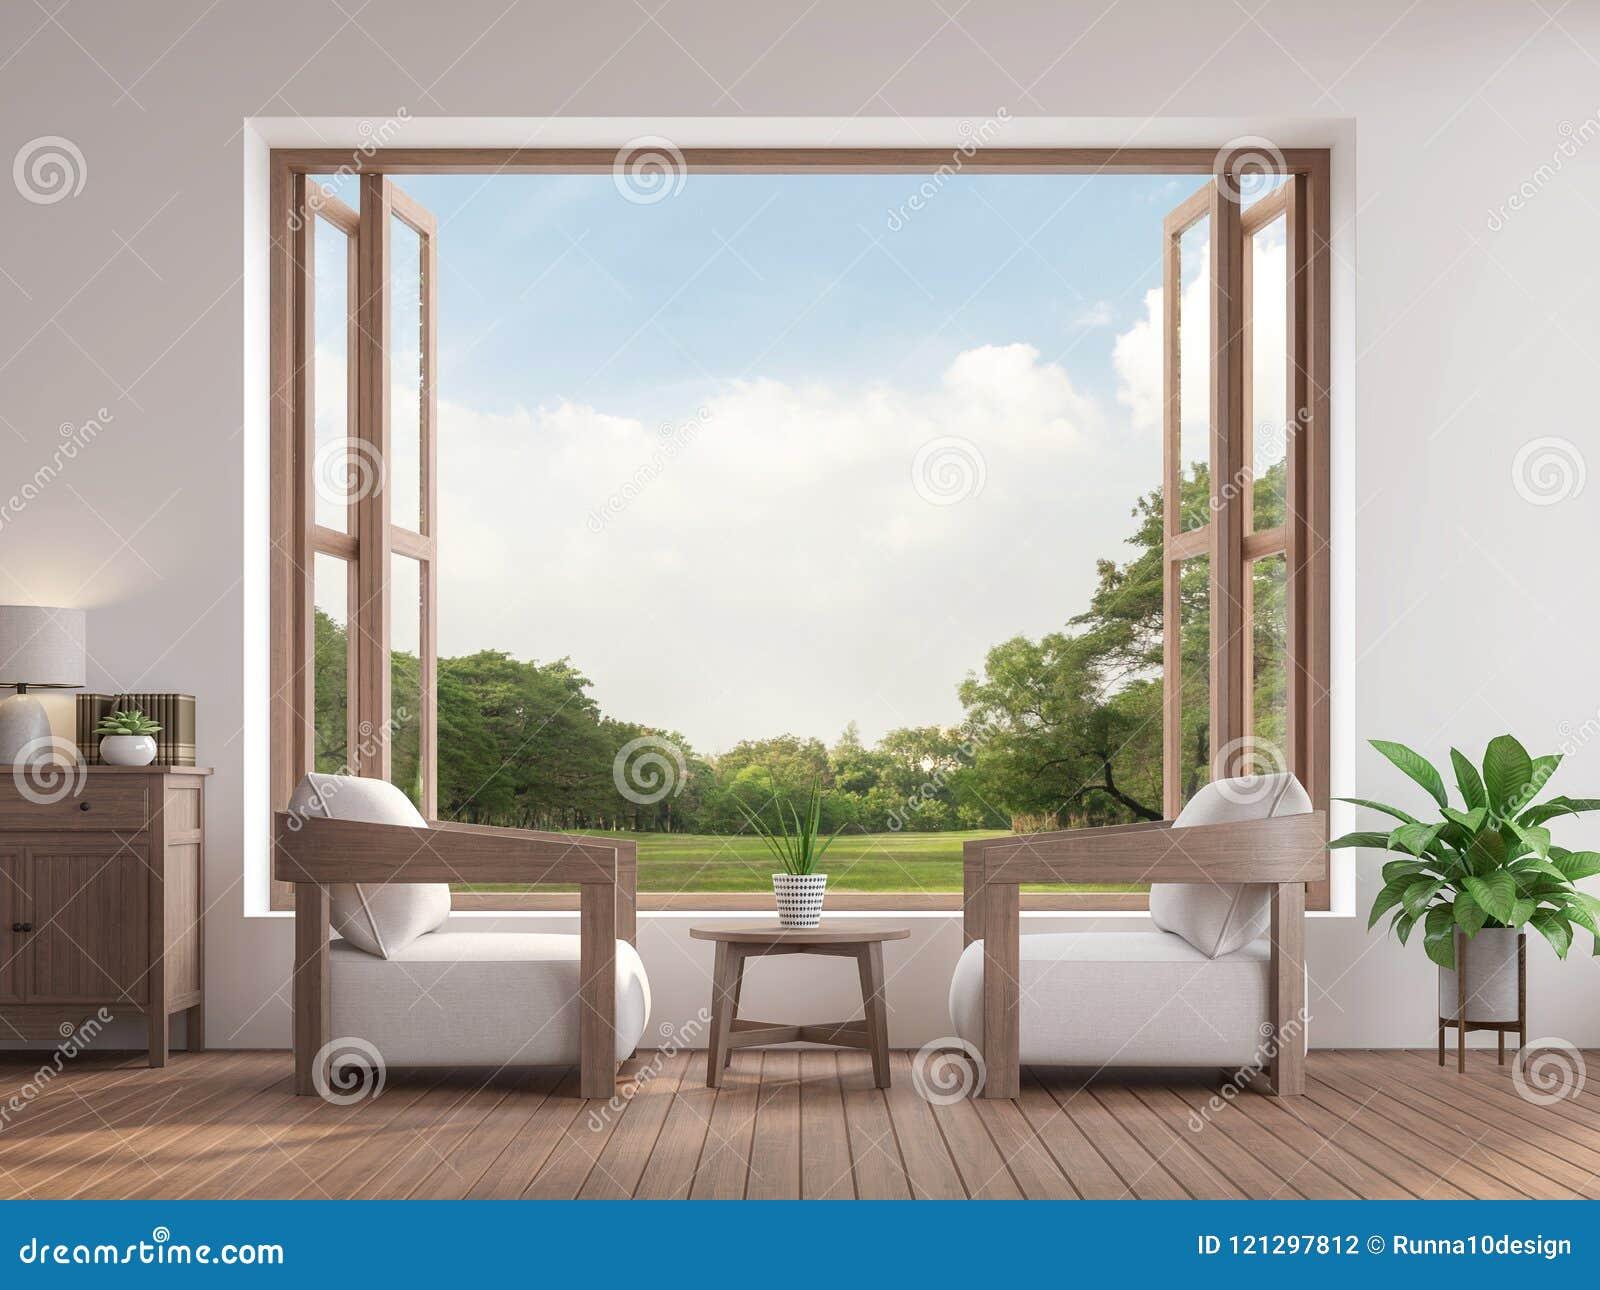 Il salone contemporaneo moderno 3d rende, là è grande finestra aperta che trascura per fare il giardinaggio vista